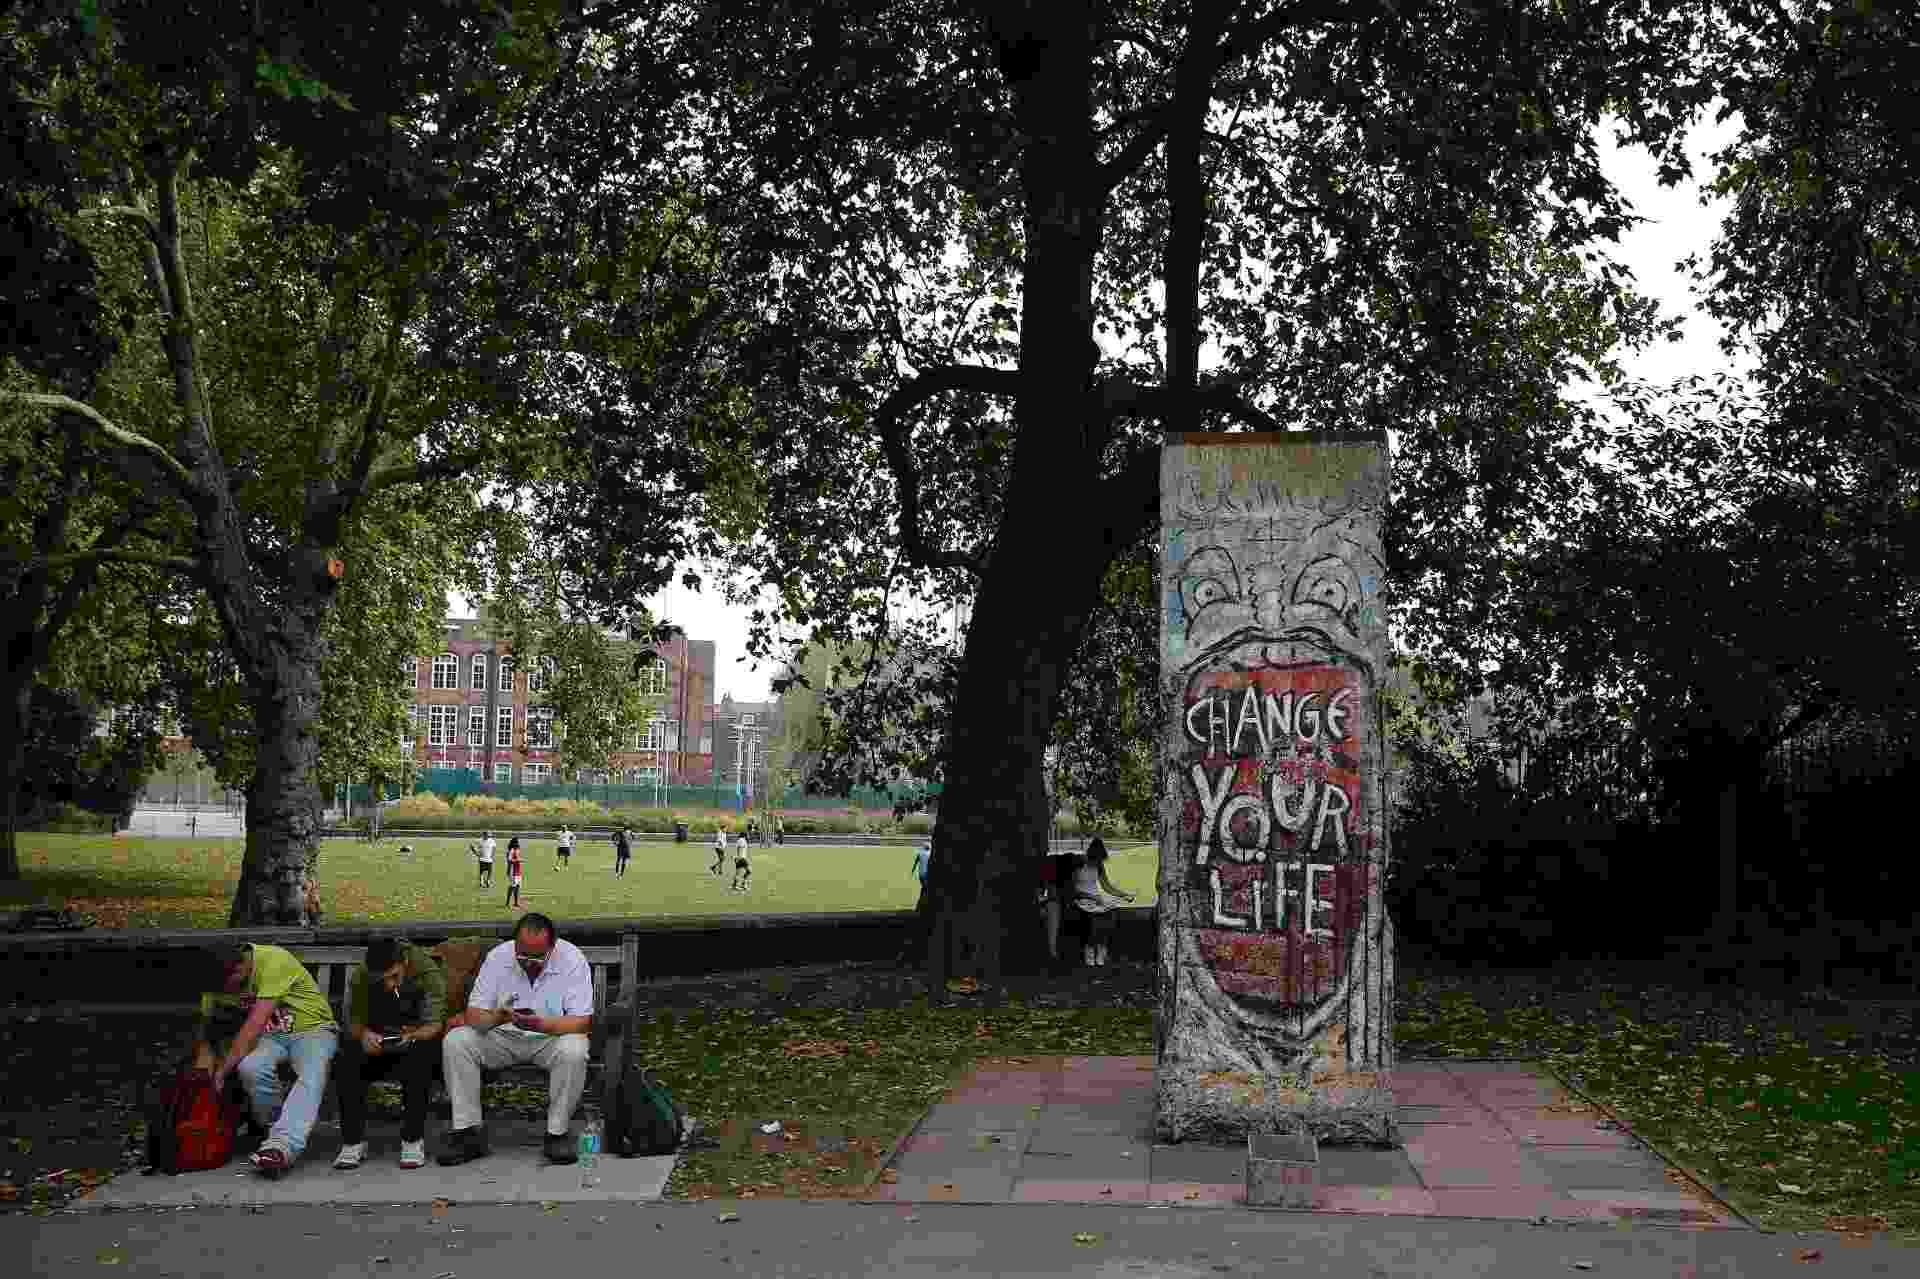 """18.set.2014 - Homens se sentam em banco ao lado de um trecho do Muro de Berlim na área externa do Imperial War Museum, em Londres. Este segmento foi retirado de perto do Portão de Brandemburgo, em Berlim, e contém um grafite do artista Indiano que diz """"Mude sua vida"""". Após a queda do muro, cujo aniversário de 25 anos é celebrado neste ano, pedaços da construção se espalharam por países ao redor do mundo - Stefan Wermuth/Reuters"""